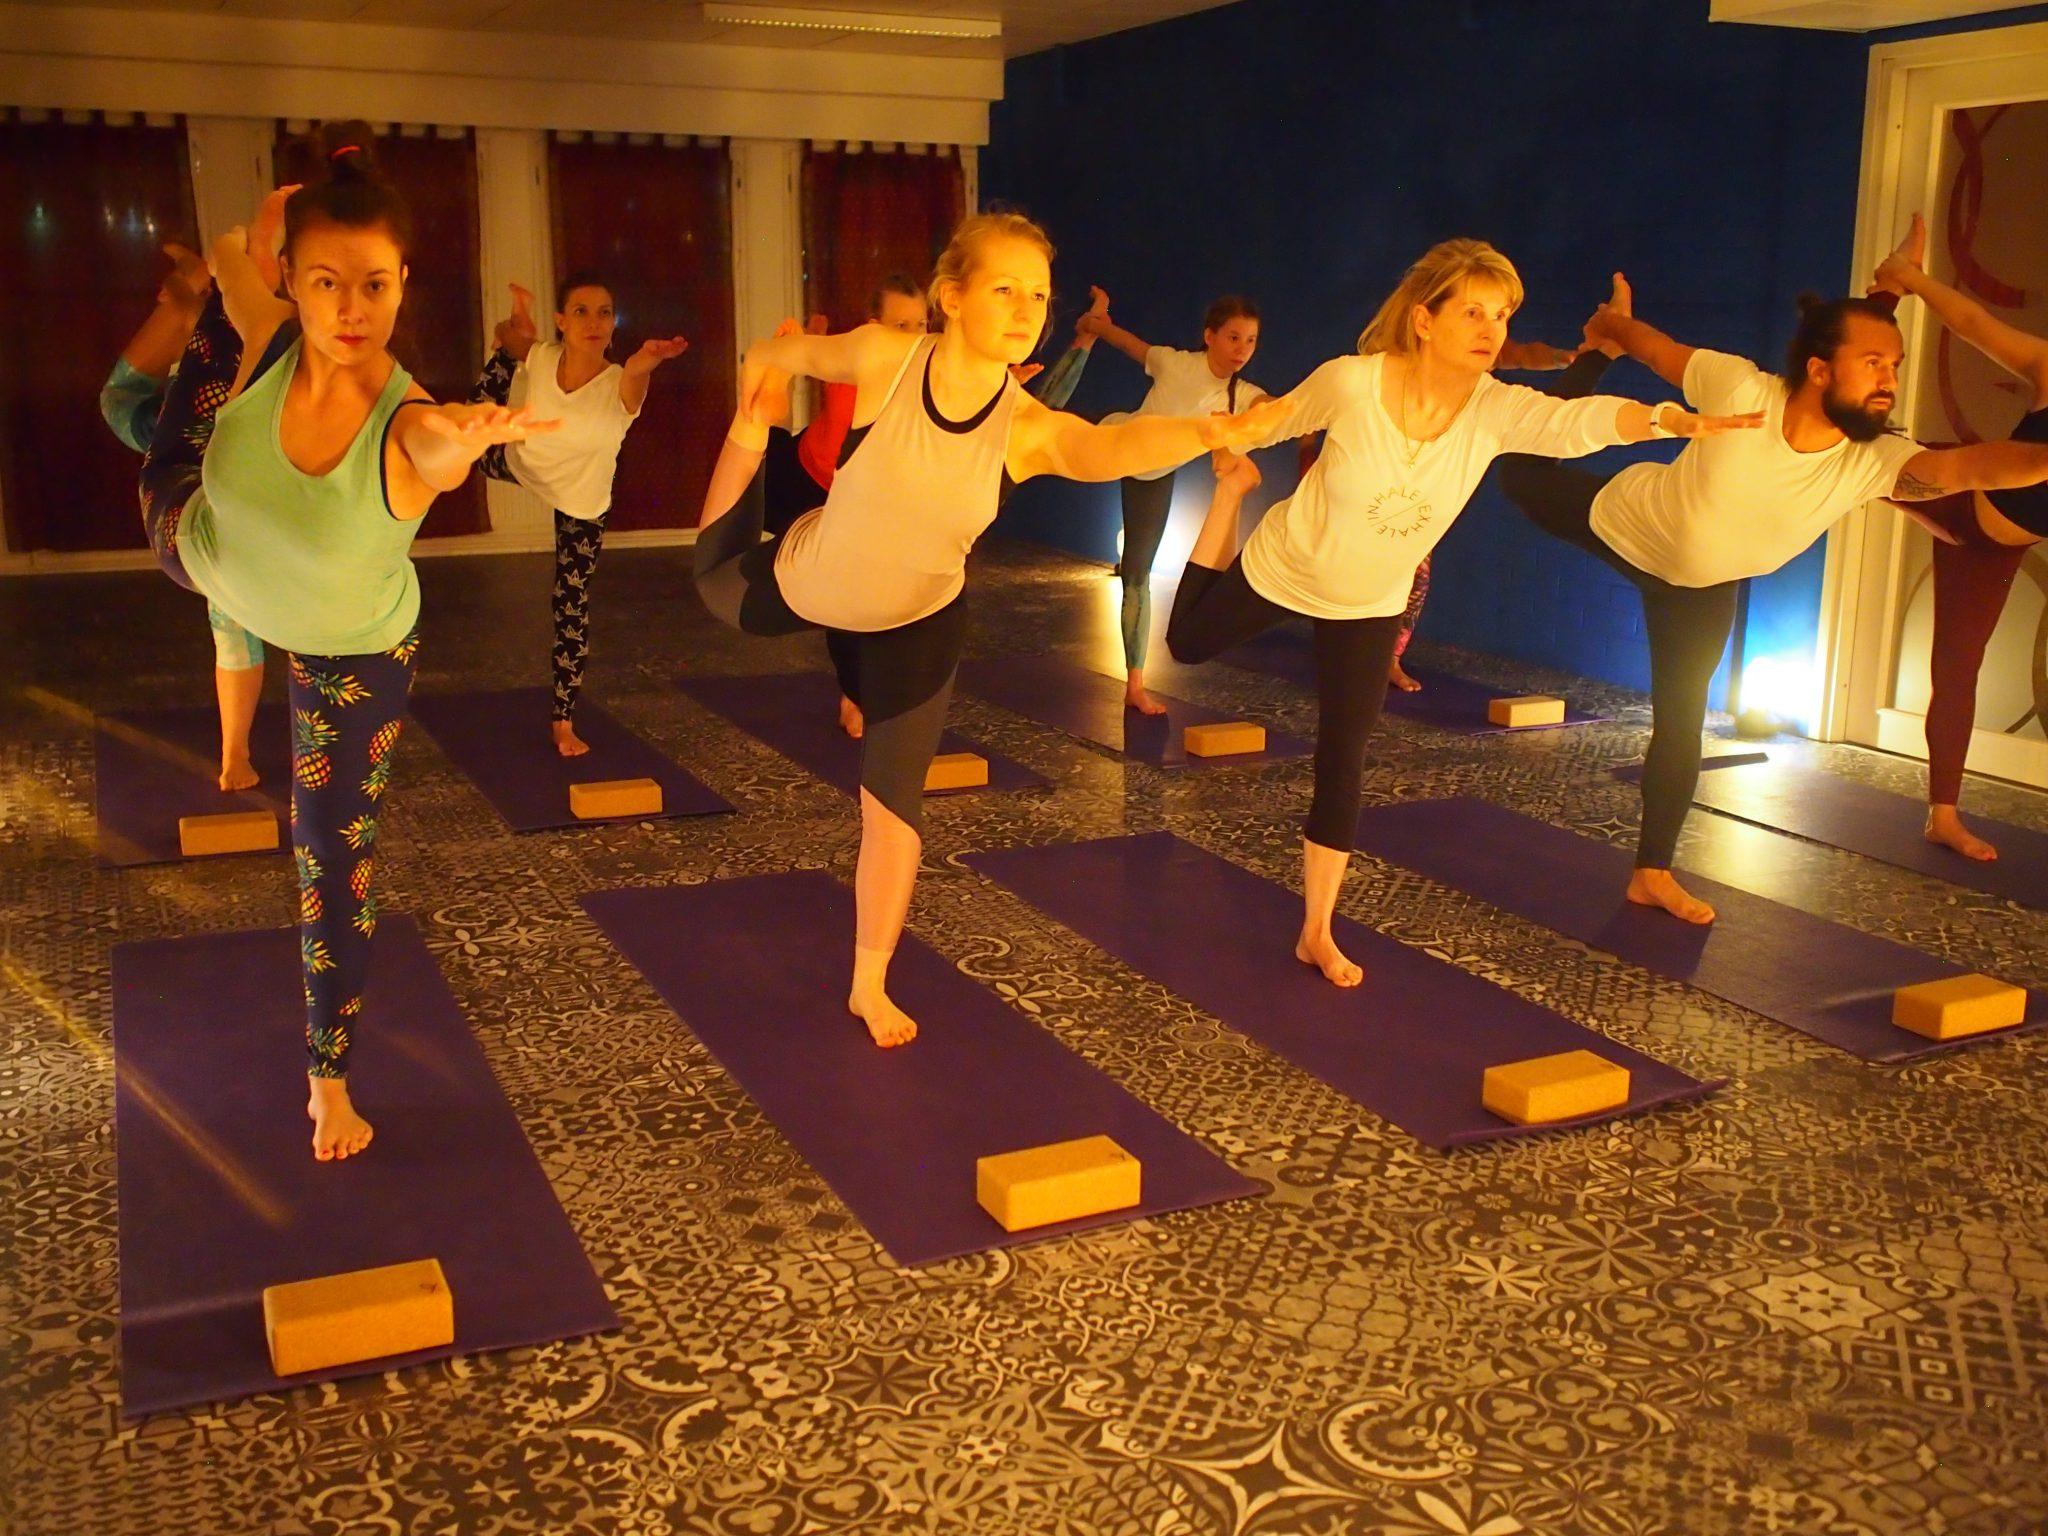 Joogan pitkä alkeis-jatkokurssilla matka jatkuu syvemmälle inspiroivaan joogaharjotukseen